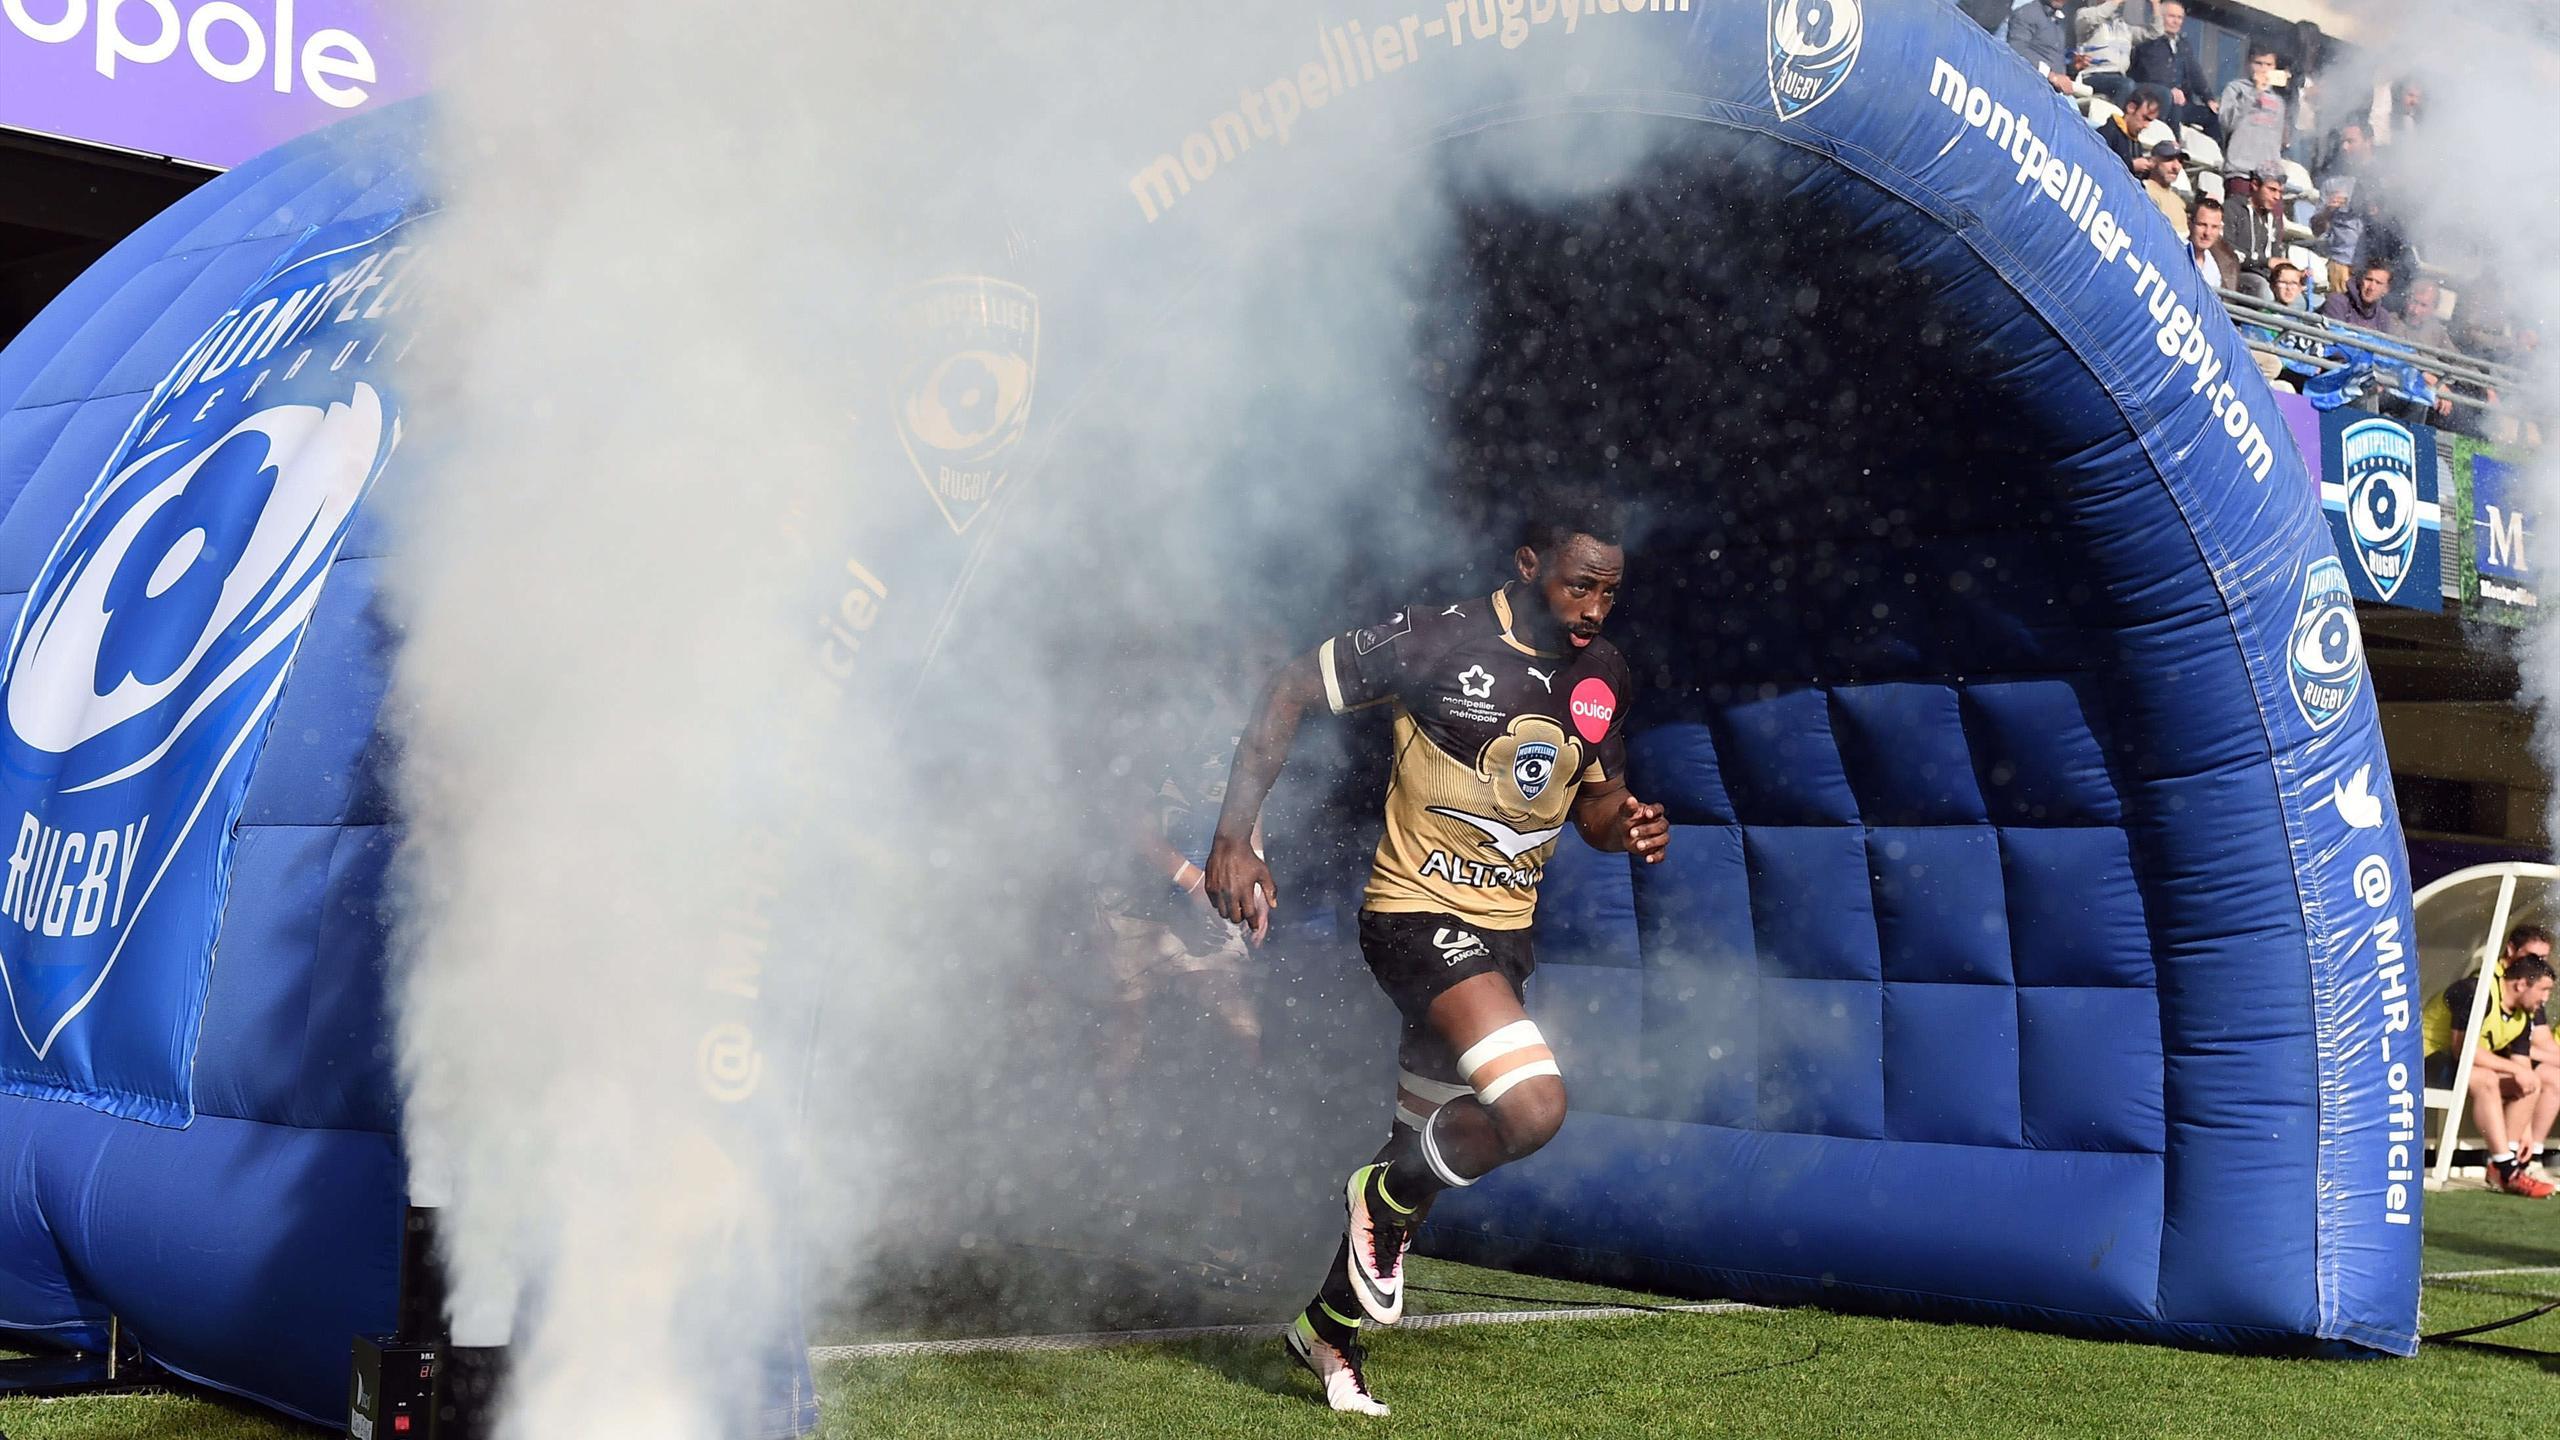 Fulgence Ouedraogo rentre sur la pelouse lors de la demie